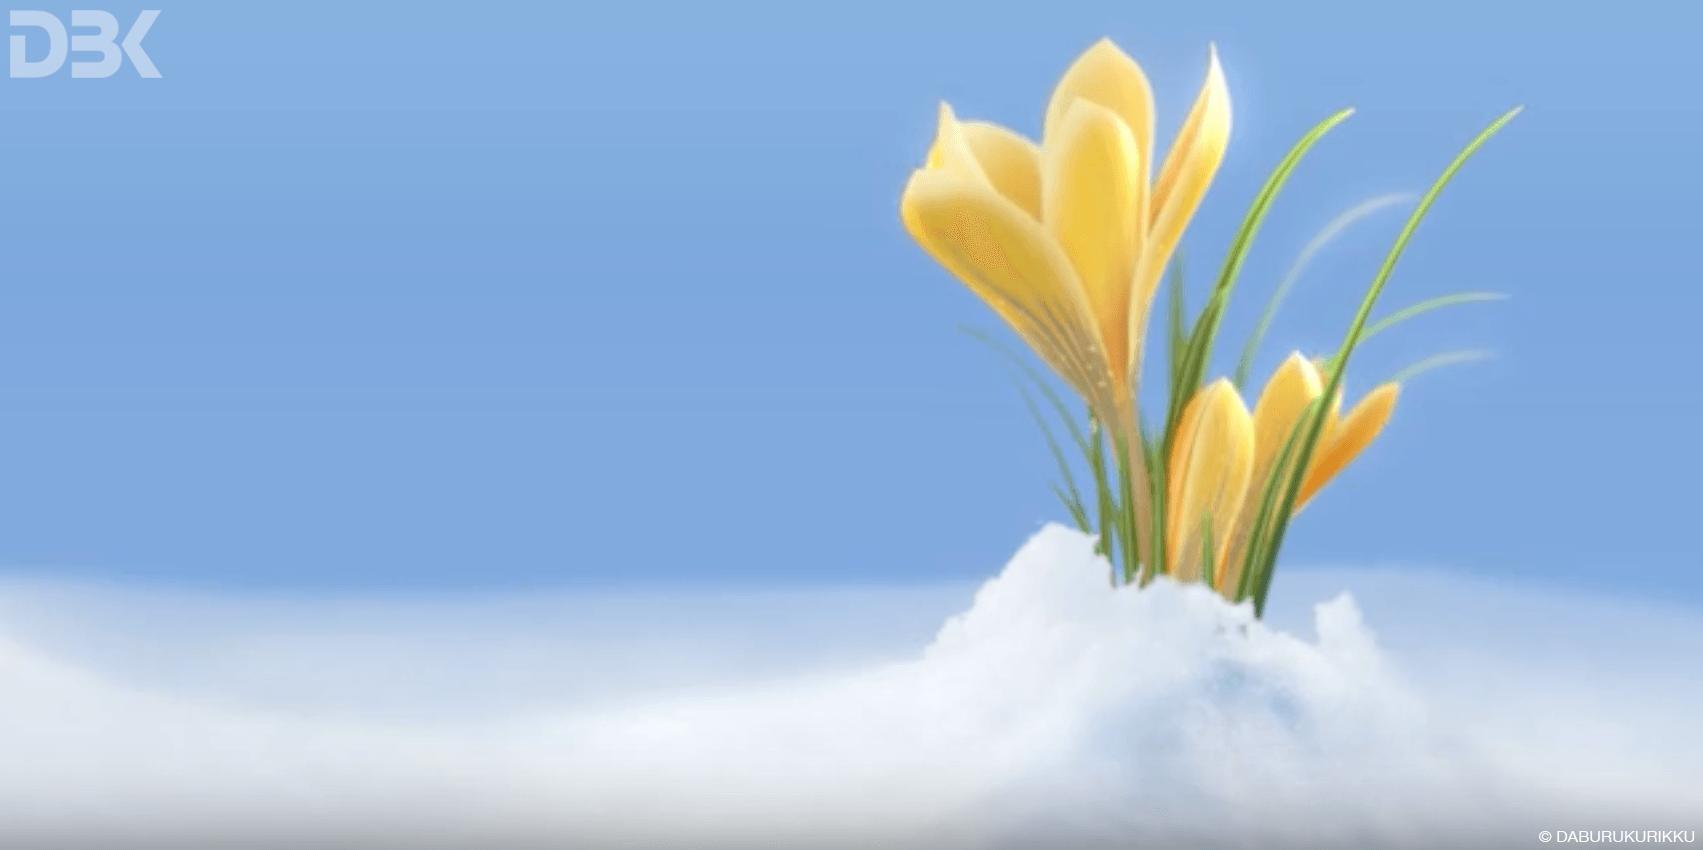 modellazione 3D animazione fiore crocus - Daburukurikku - Ticino